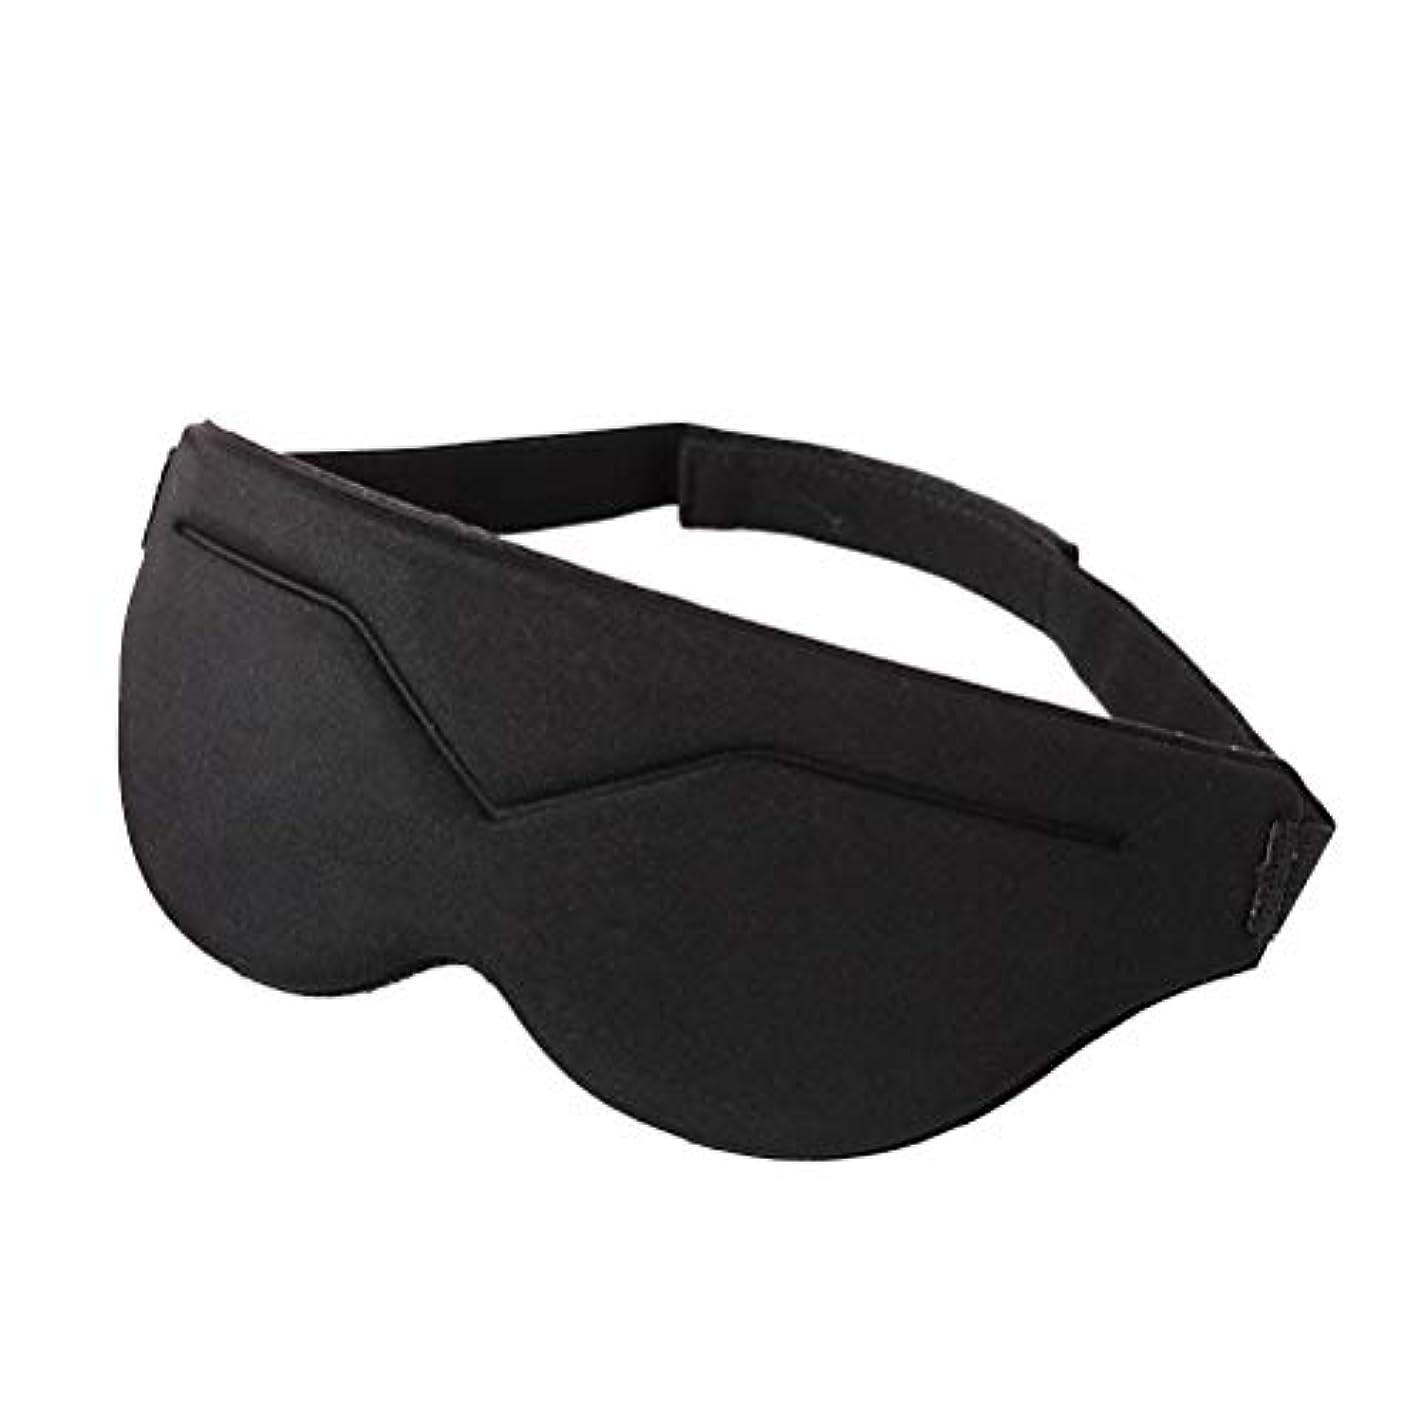 ヘロインシールド難しいSuvox睡眠マスク3dぬいぐるみアイマスクアロマ目隠しアイカバー用女性男性子供ホームベッドオフィス旅行フライトカーキャンプ